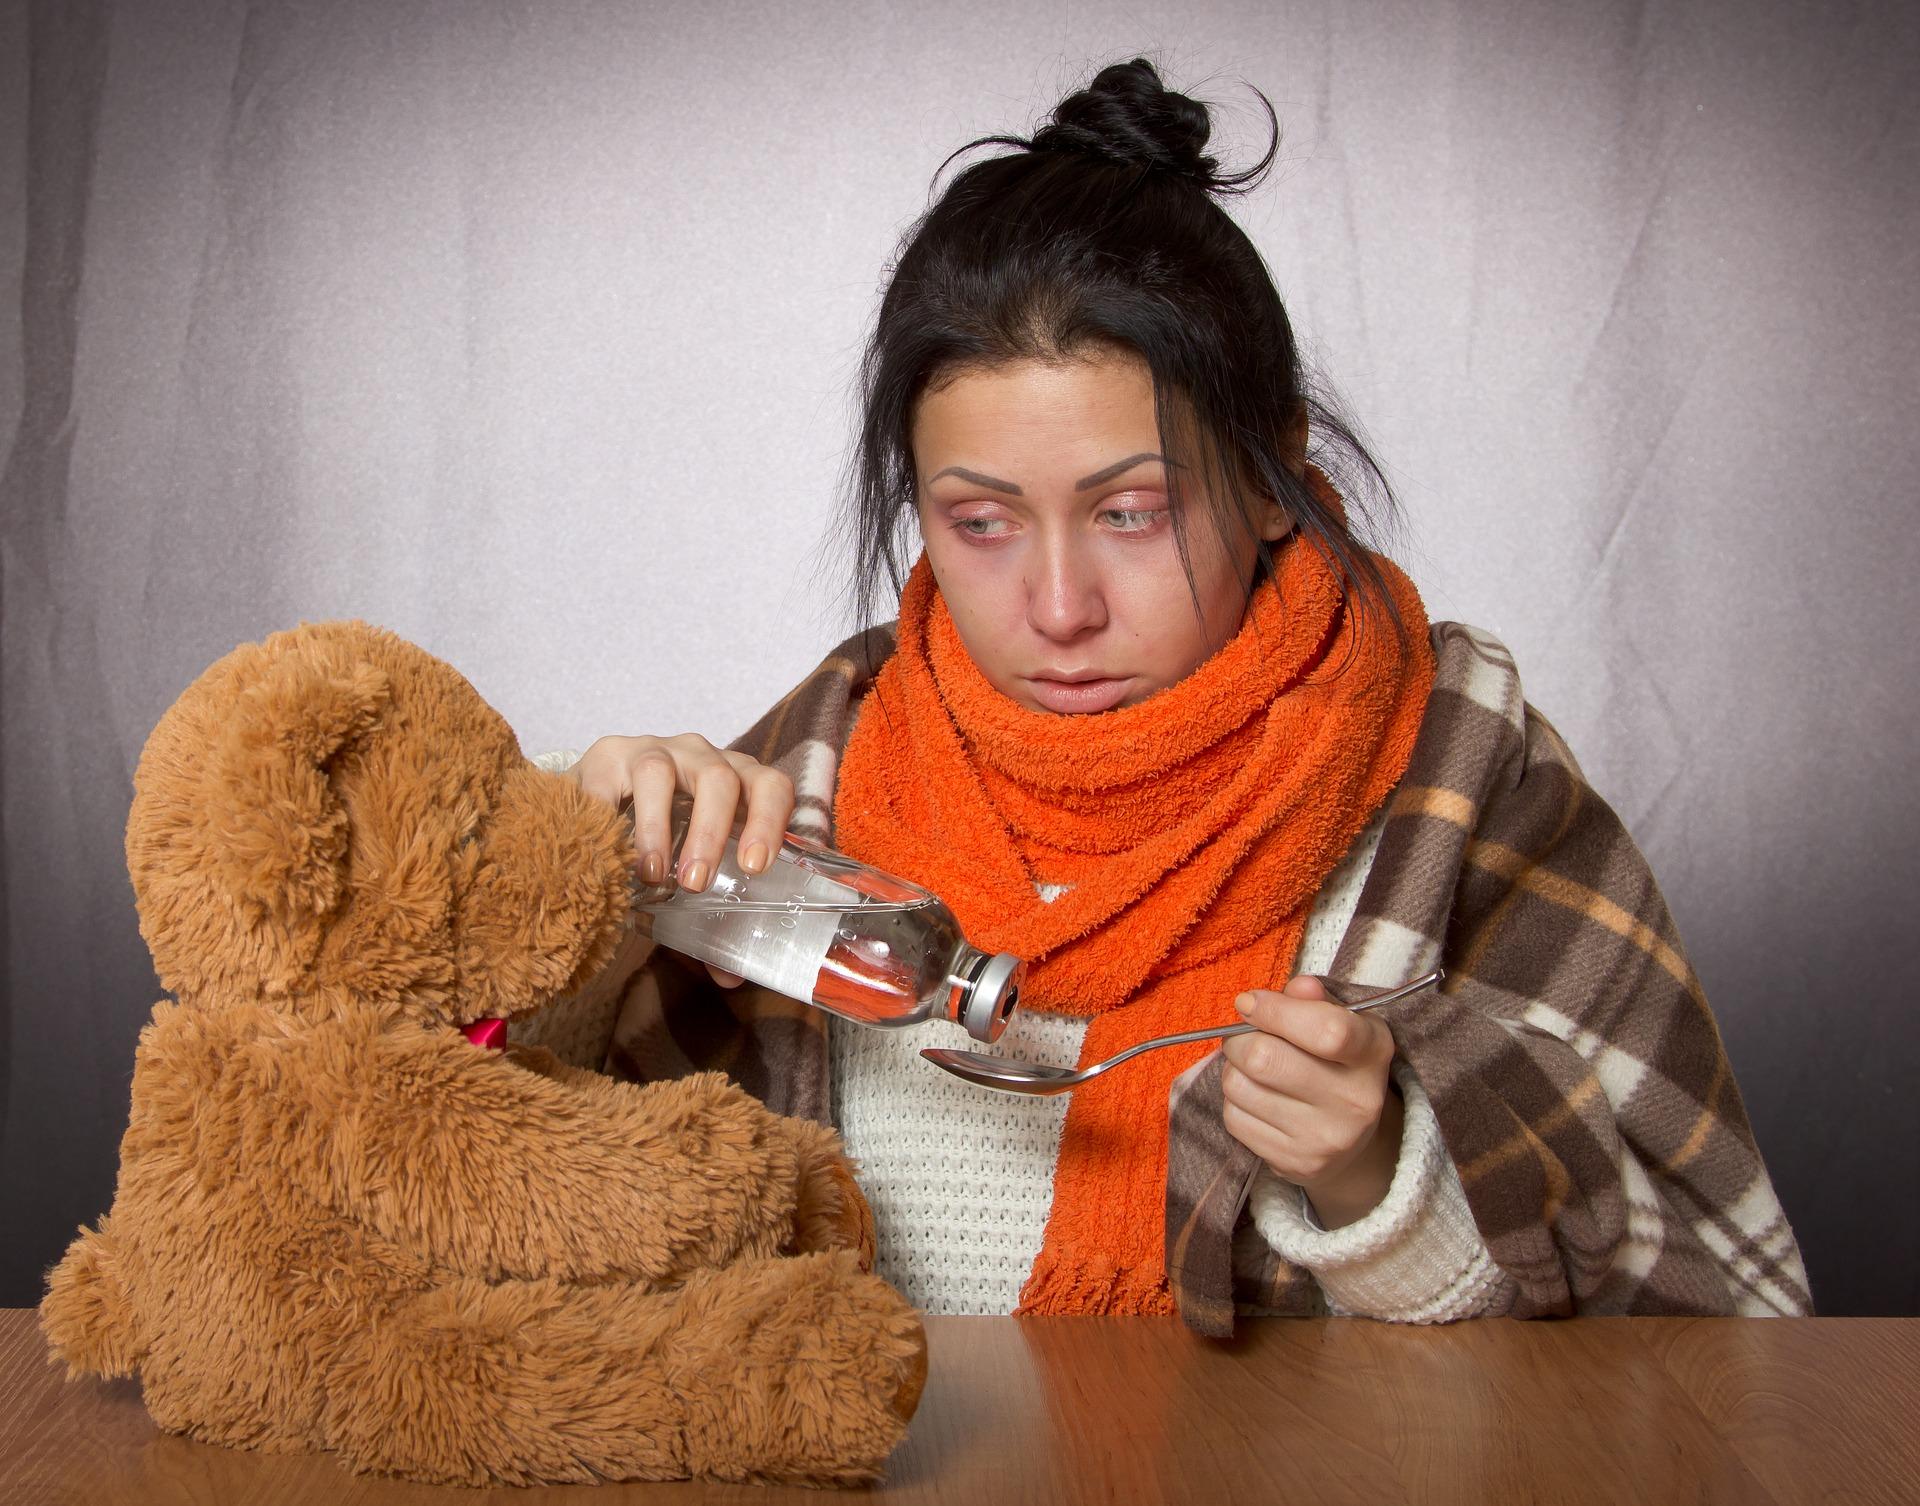 La gripe y el resfriado: cómo diferenciar y poner remedio